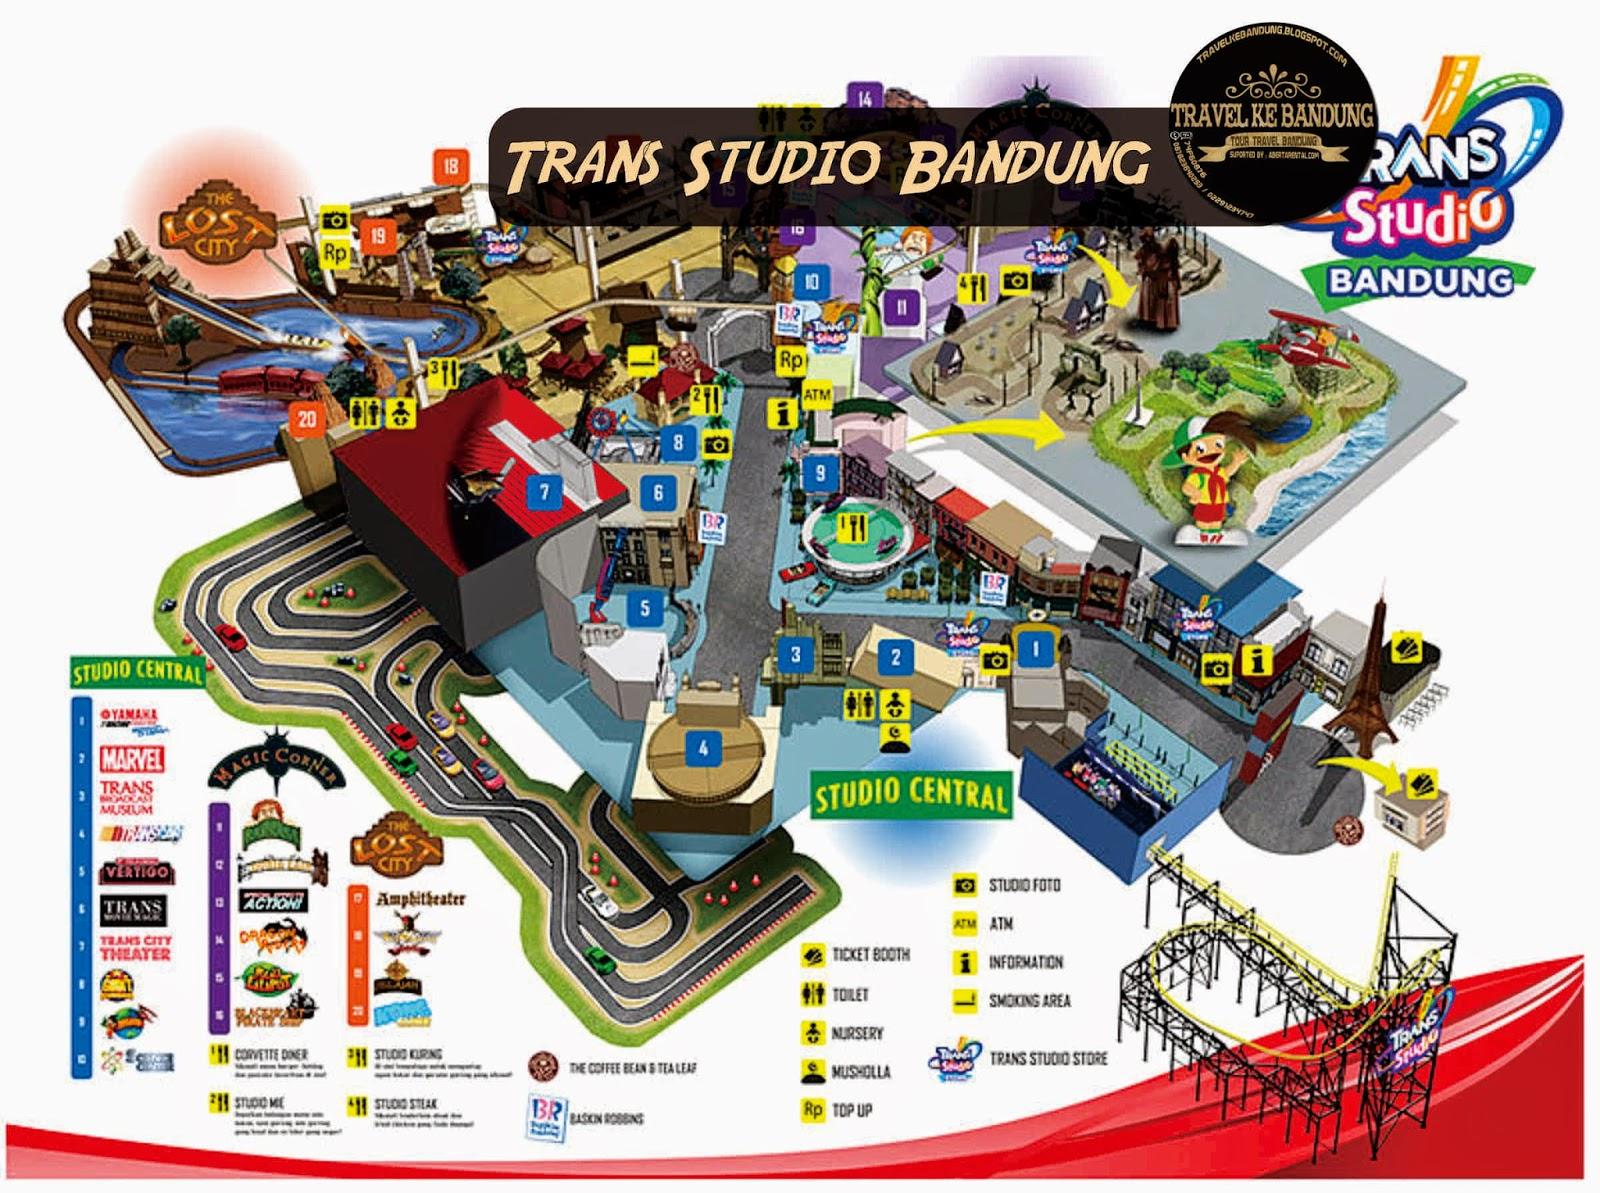 Kawasan Trans Studio Bandung | Tour and Travel Bandung